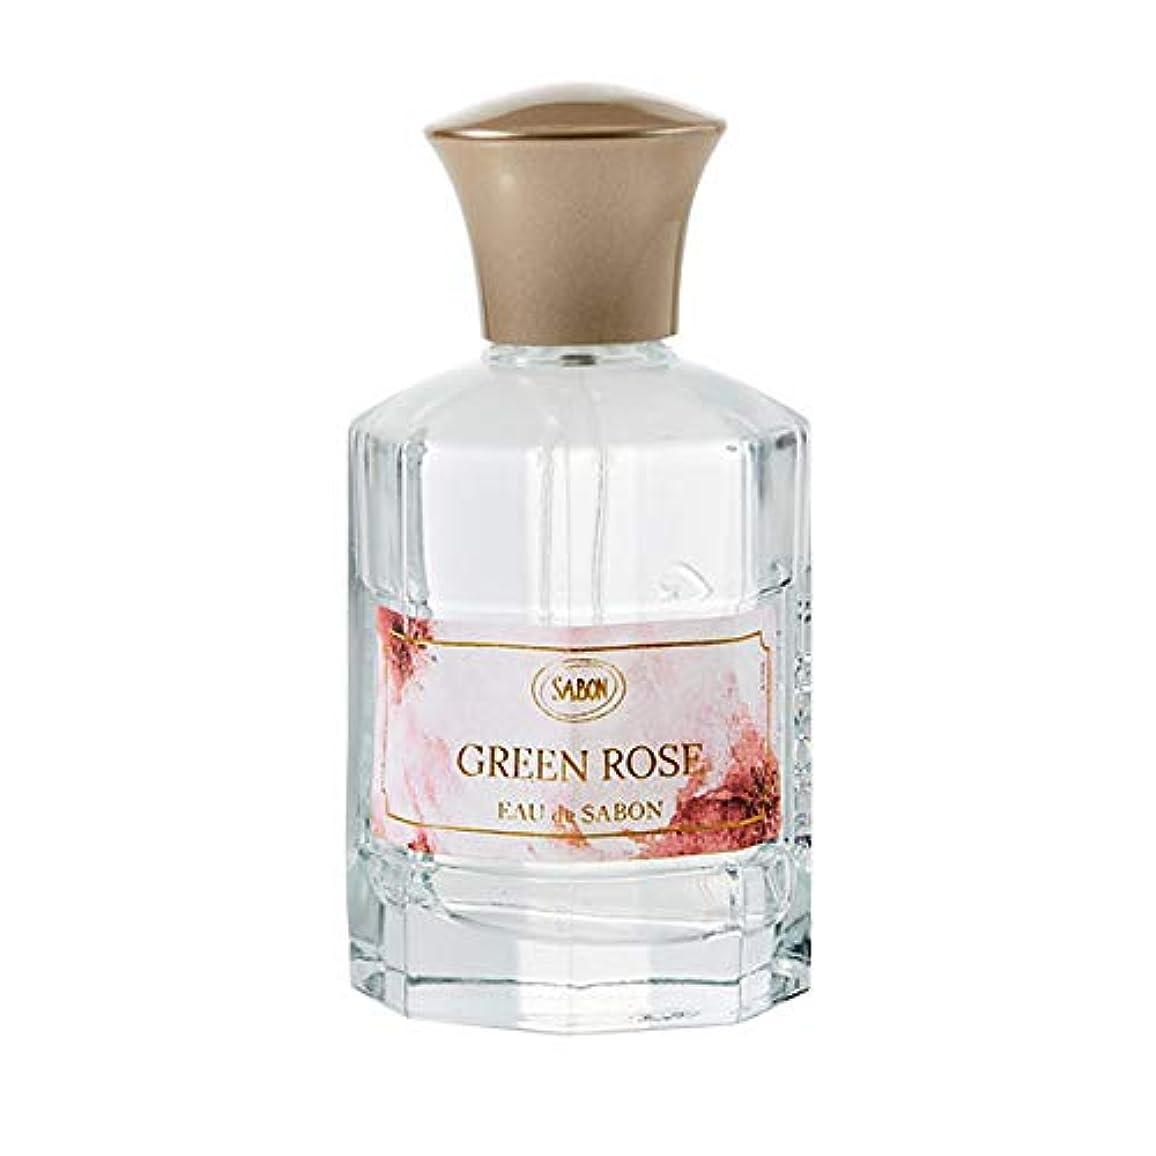 水素レール組み立てるサボン SABON オー ドゥ サボン グリーンローズ ( GREEN ROSE ) 80ml オードトワレ フレグランス 香水 パフューム デイリーパフューム